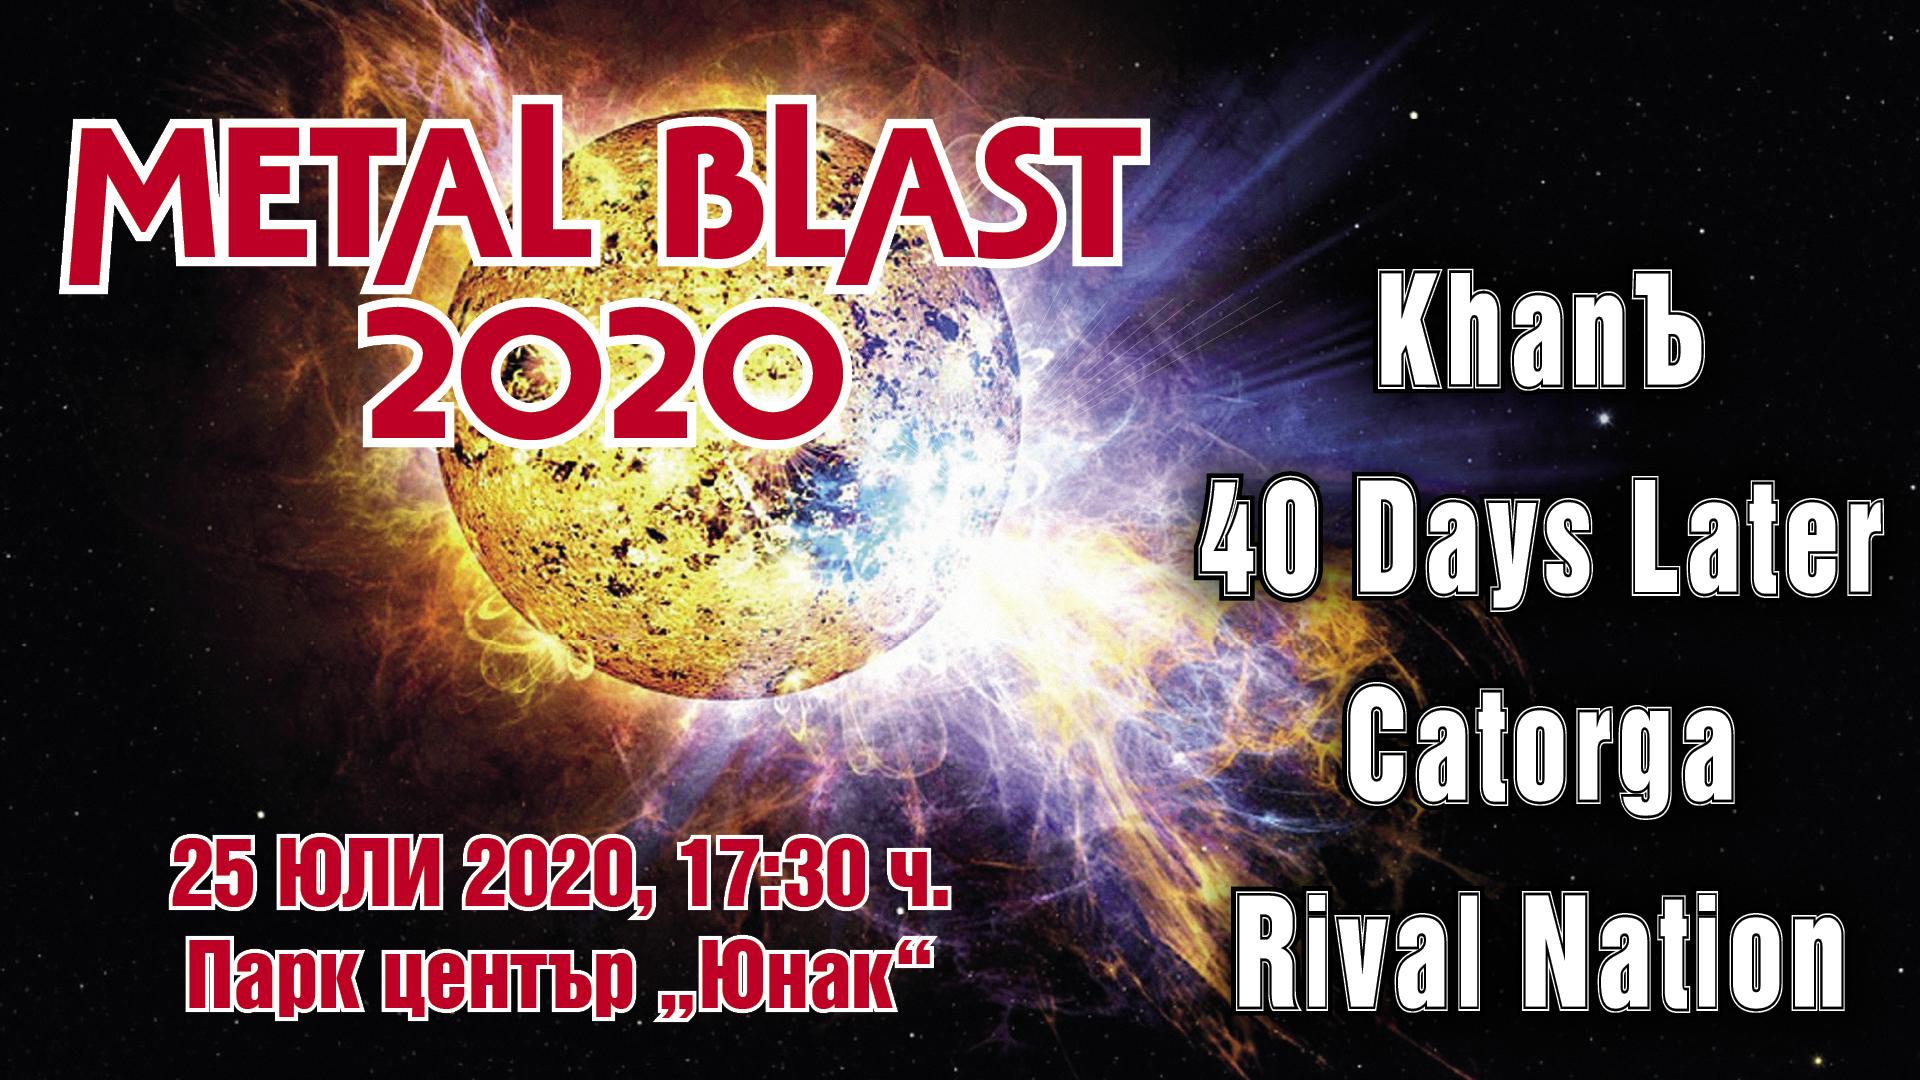 Catorga става част от METAL BLAST 2020!